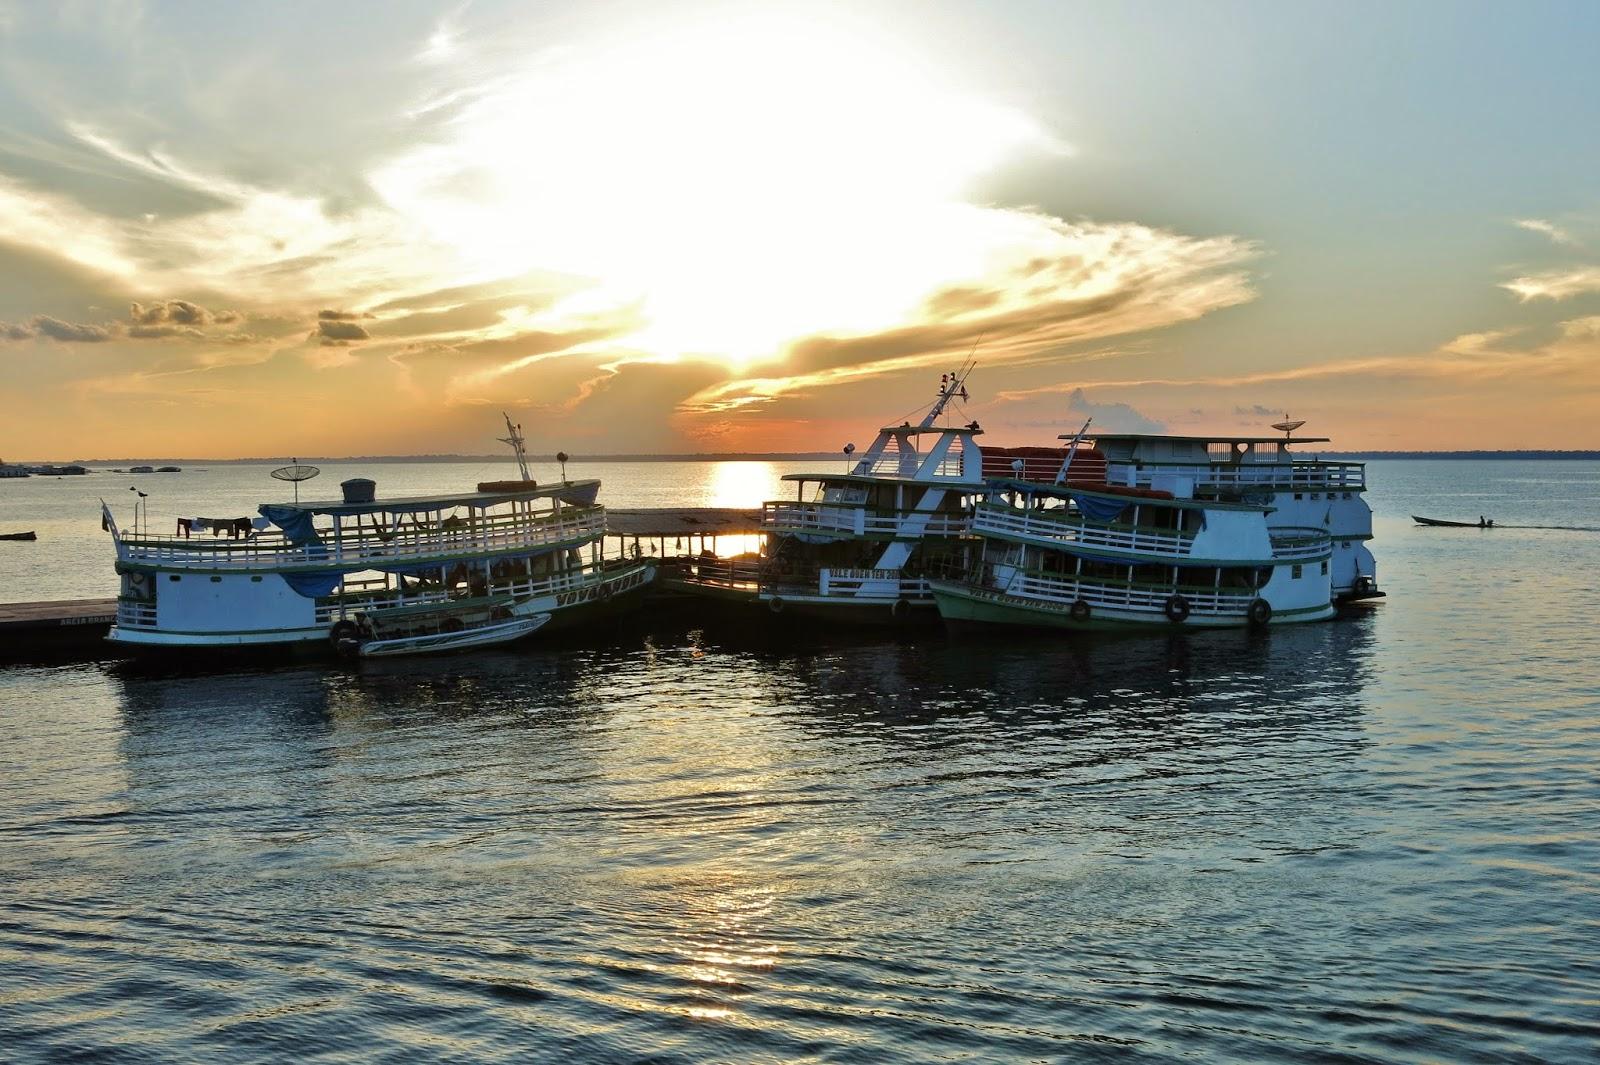 Viagem pelo Rio Solimões, entre Tefé e Manaus.